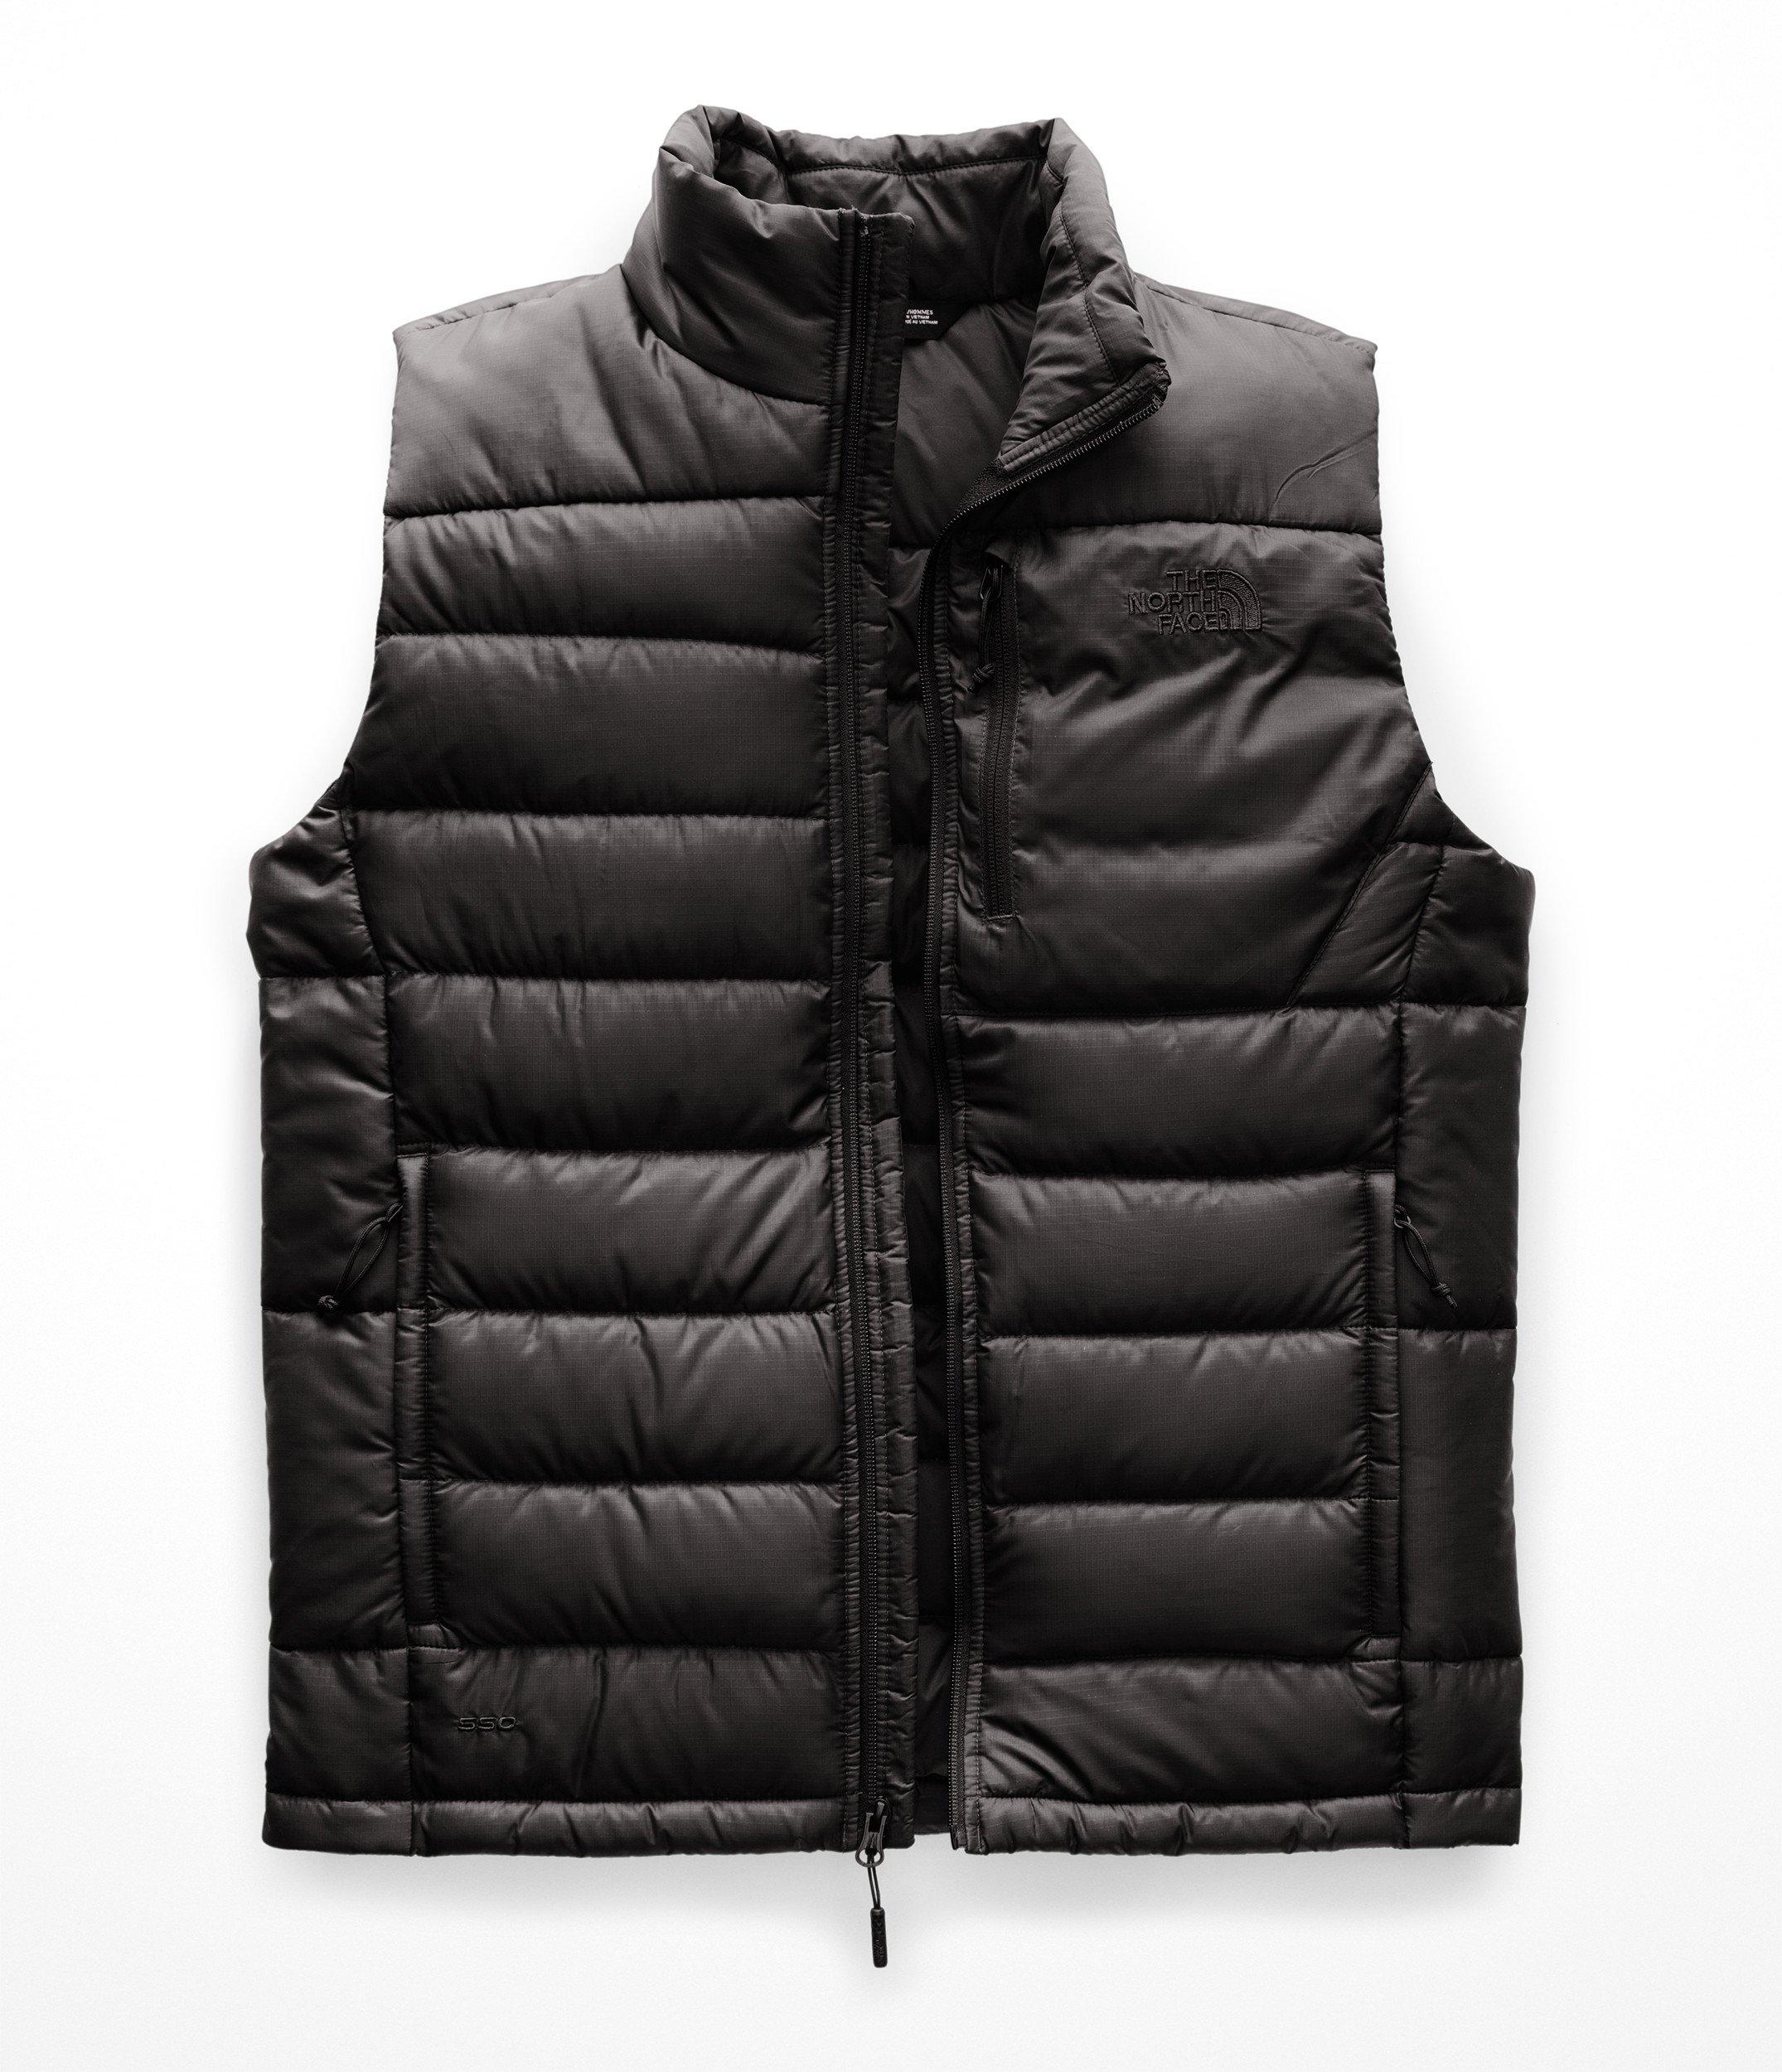 The North Face Men's Aconcagua Vest - Asphalt Grey - XL